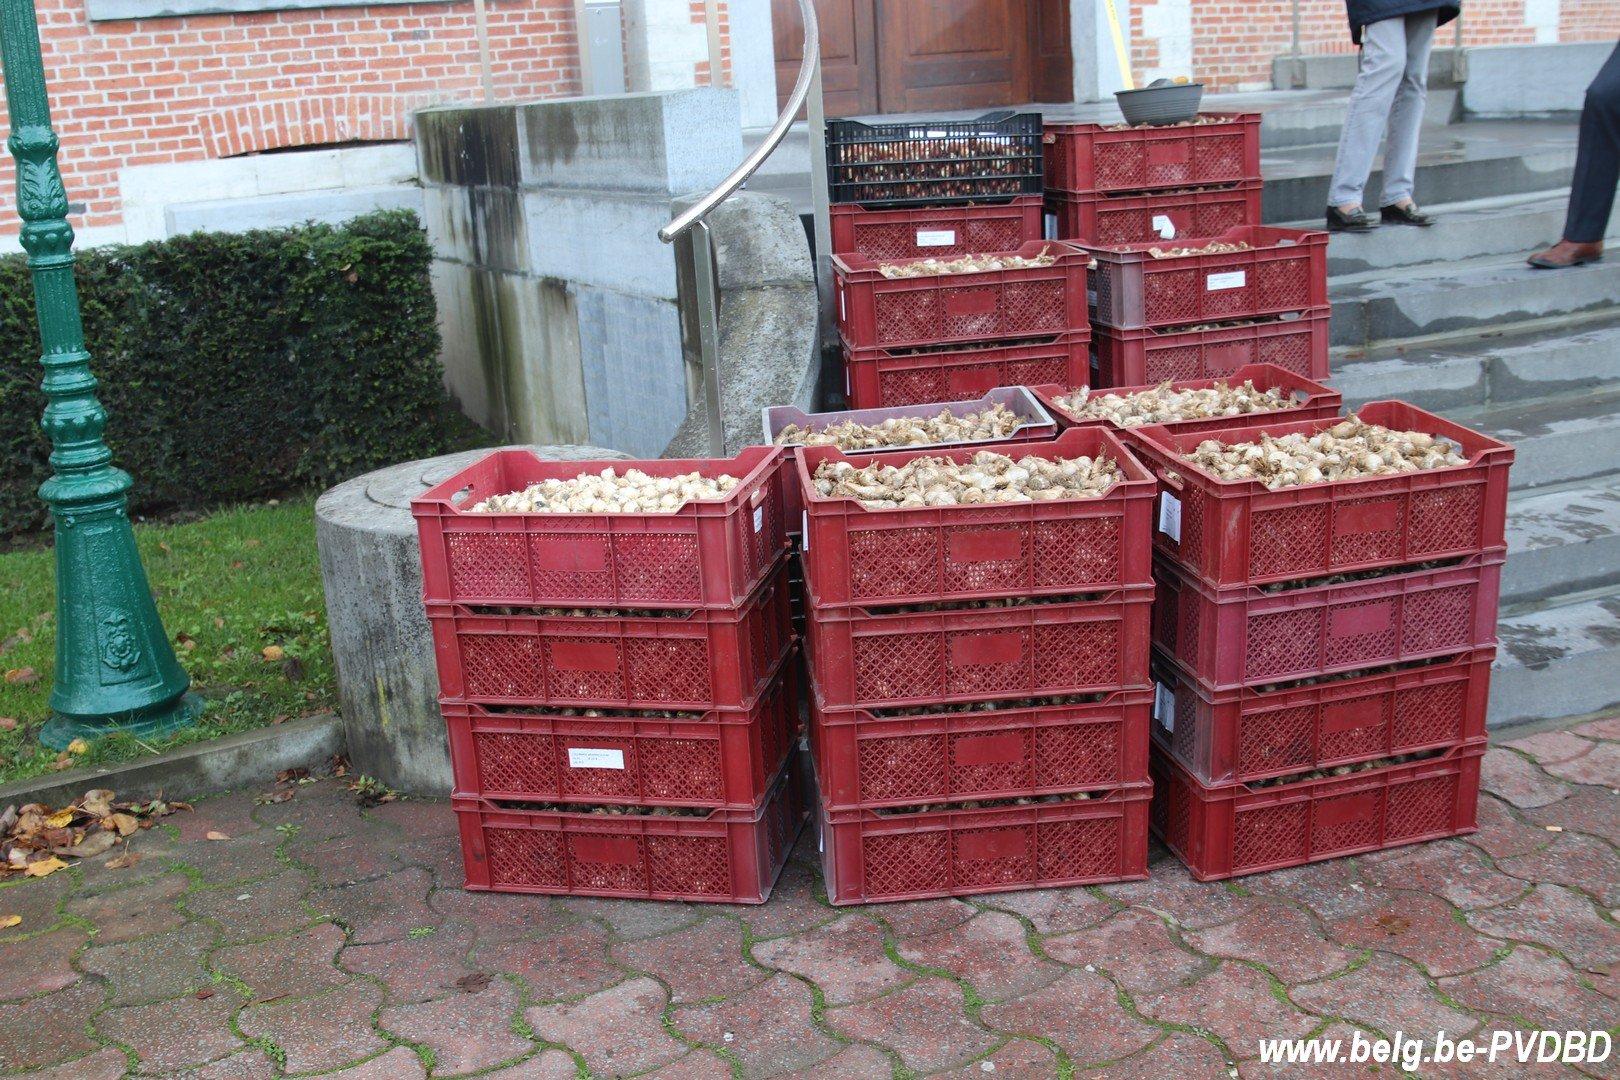 Dilbeek ontvangt 10.000 voorjaarsbollen van het kasteel van Groot-Bijgaarden - IMG 3646